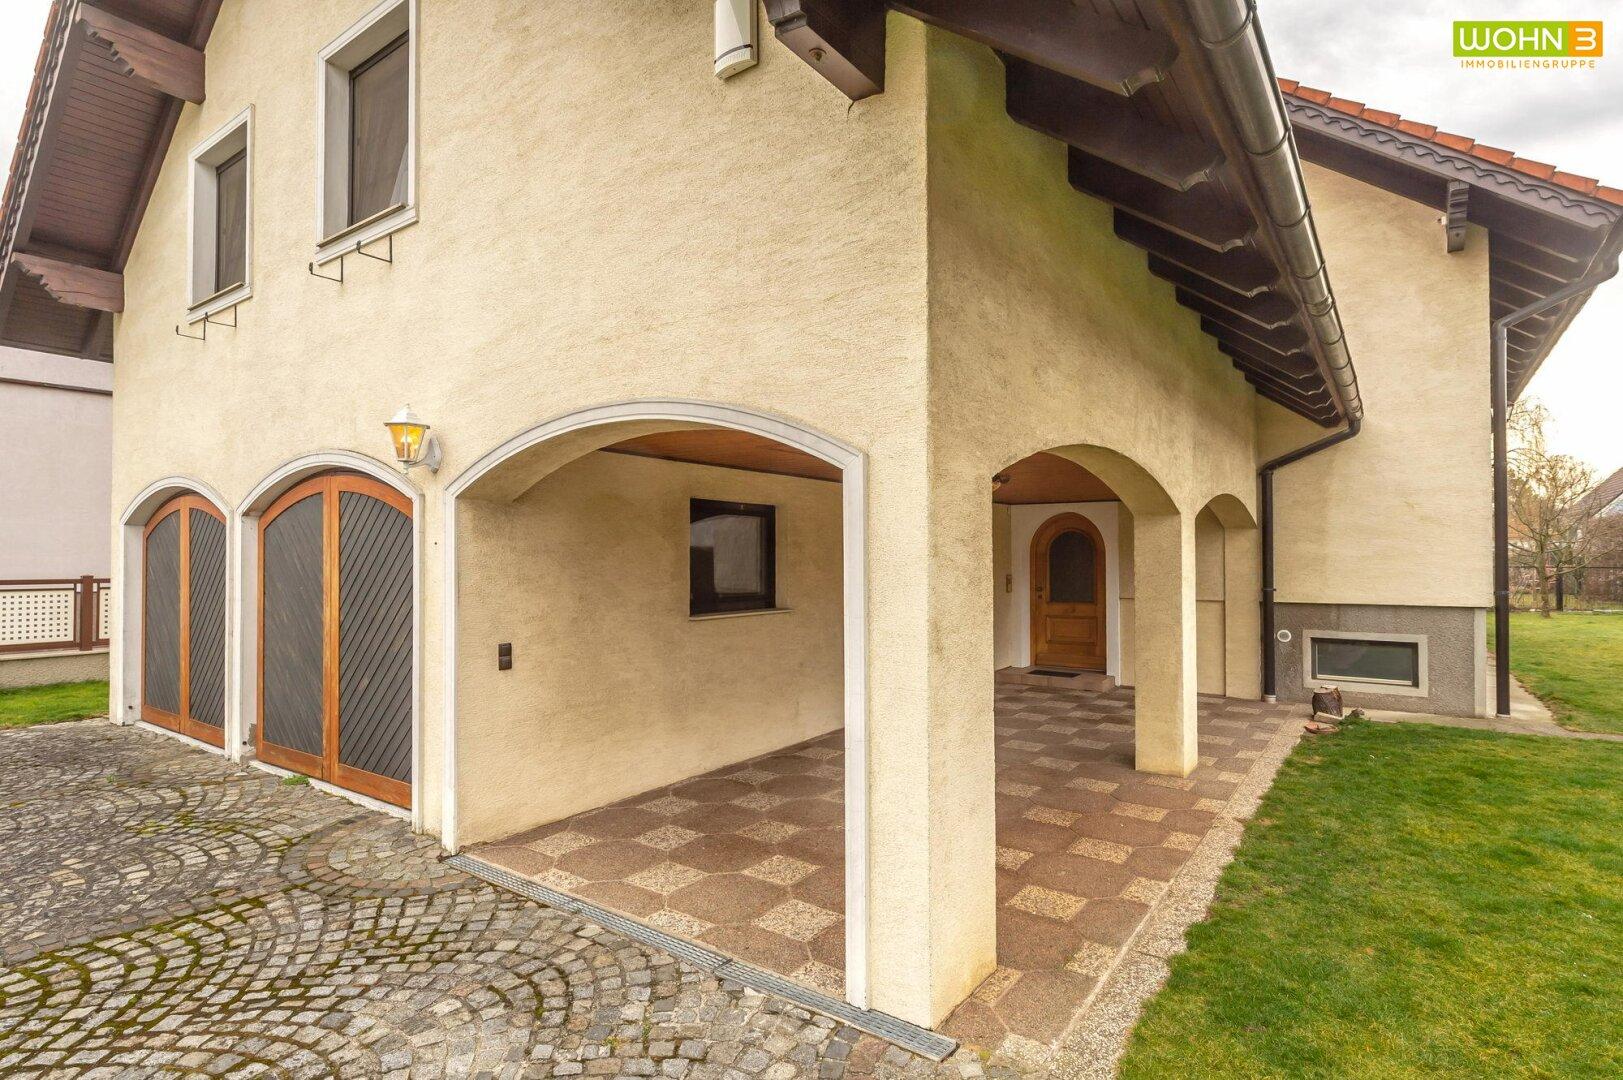 Zugangsbereich zum Haus